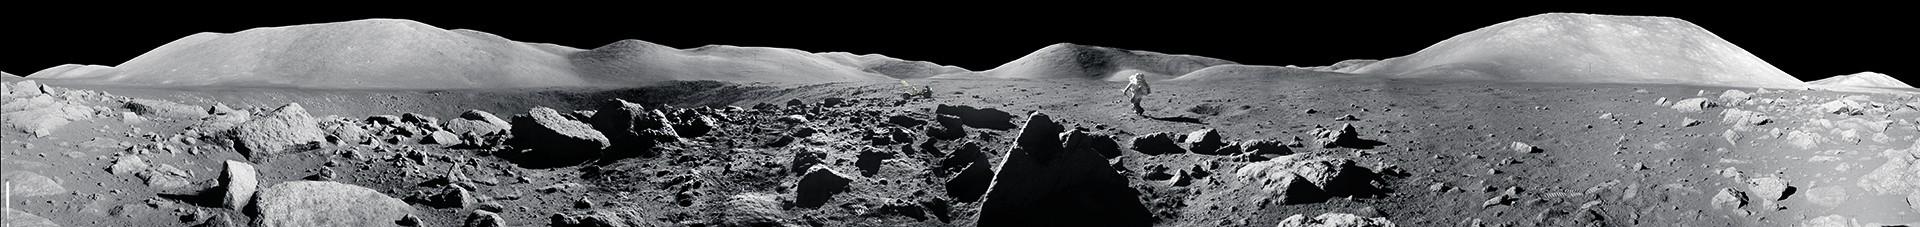 1972年12月,阿波羅17號的太空人哈里森.舒密特跳向月球車。那是人類最後一次在月球上留下足跡。編注:這張影像是NASA用18張照片合成的全景圖的一部分。NASA將天空塗黑以移除陽光造成的鏡頭耀光,呈現太空人看到的月球景色。NASA/LUNAR AND PLANETARY INSTITUTE